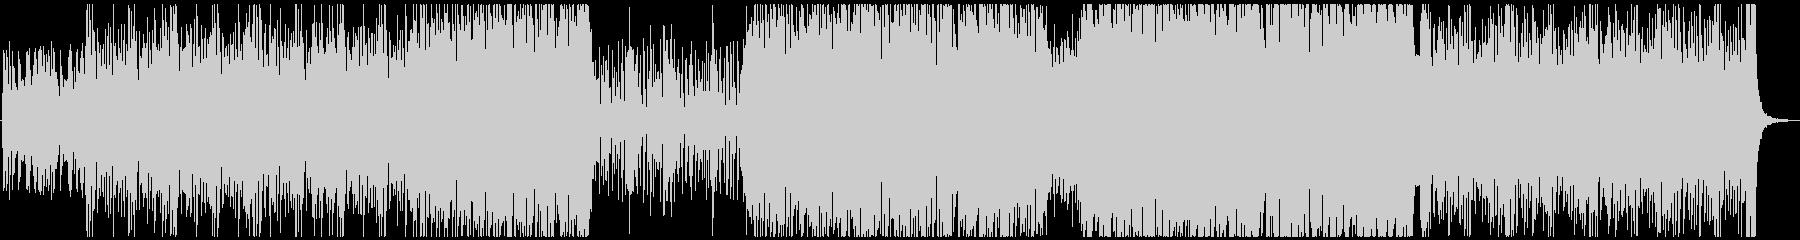 疾走するピアノトリオジャズの未再生の波形